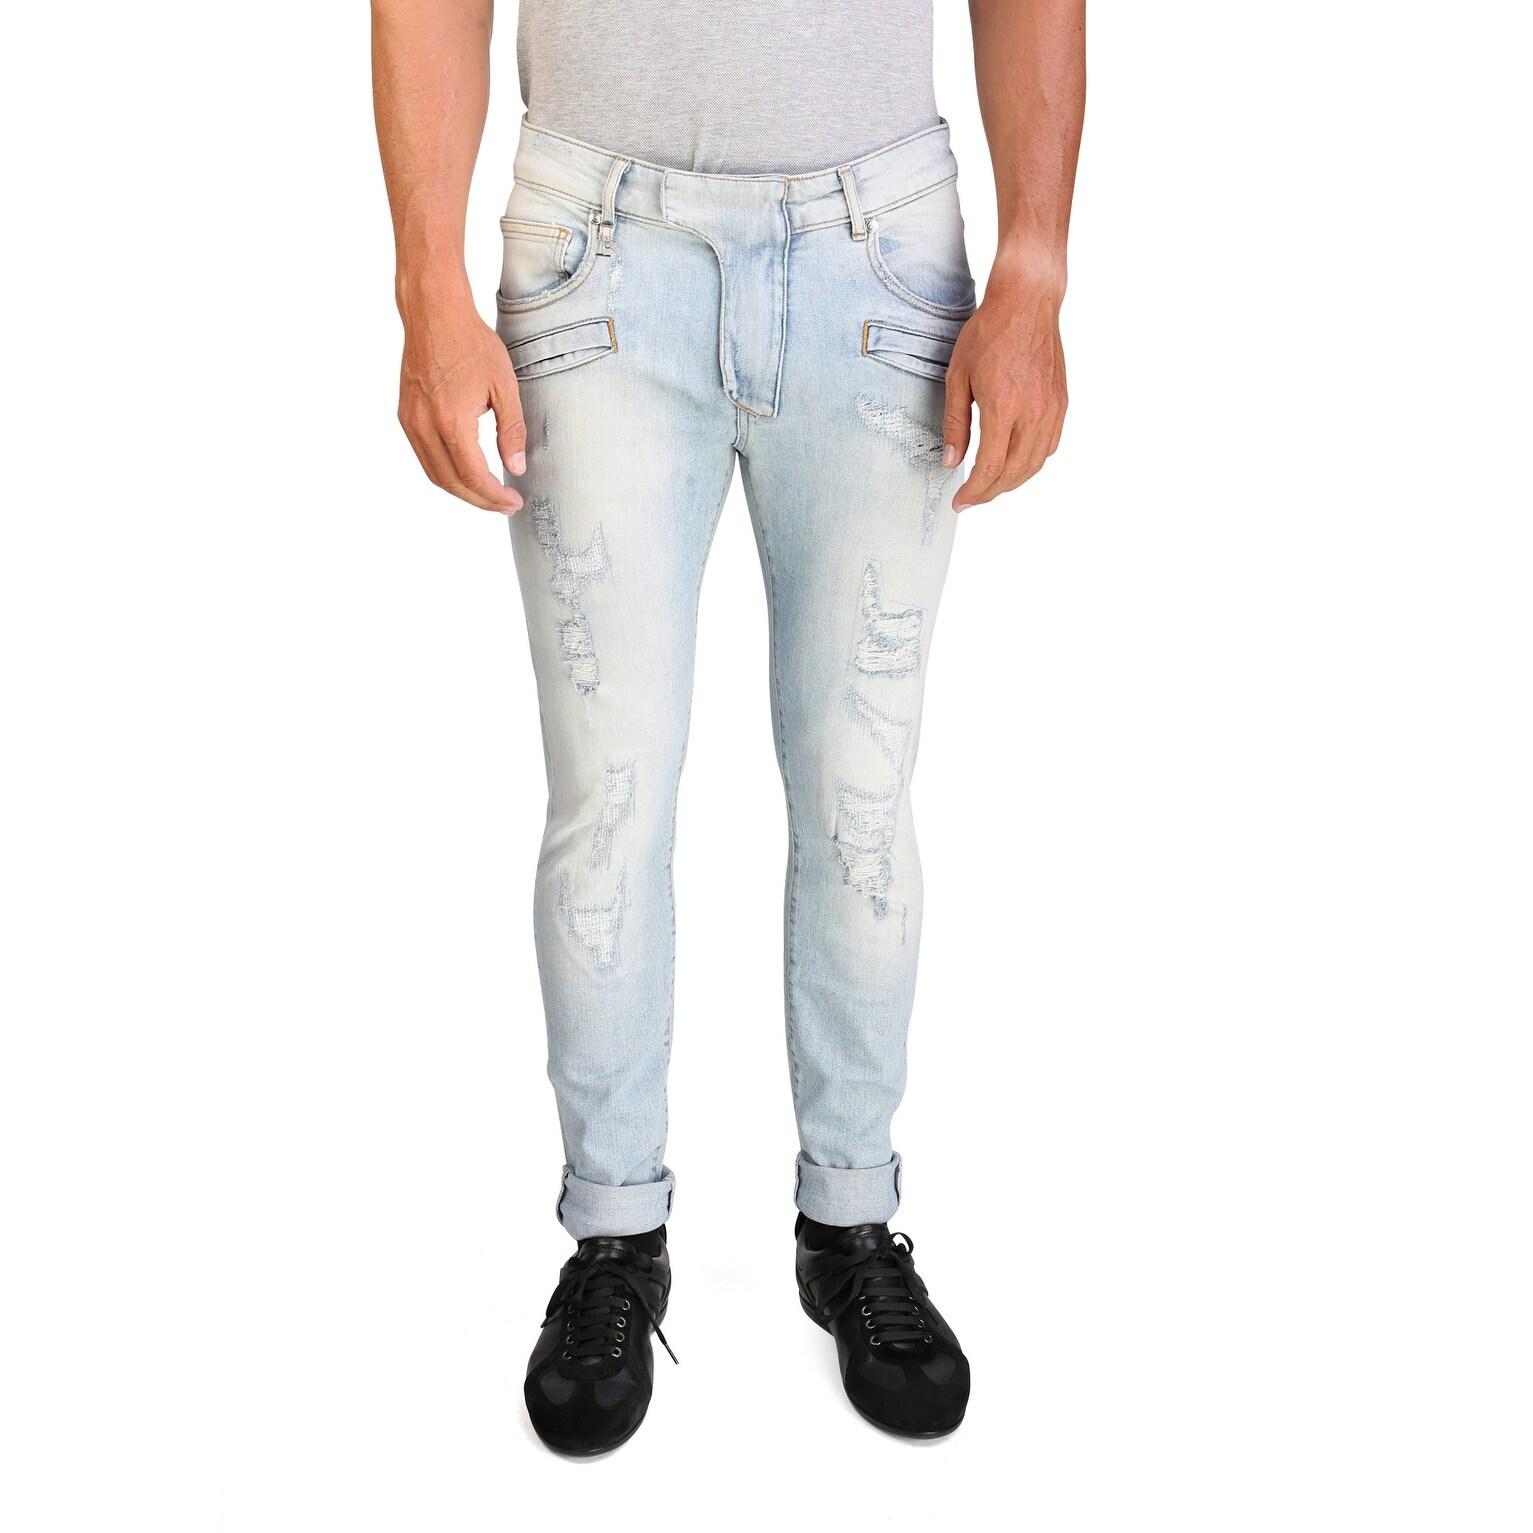 Pierre Balmain Men's Slim Fit Distressed Denim Jeans Pants Light Blue